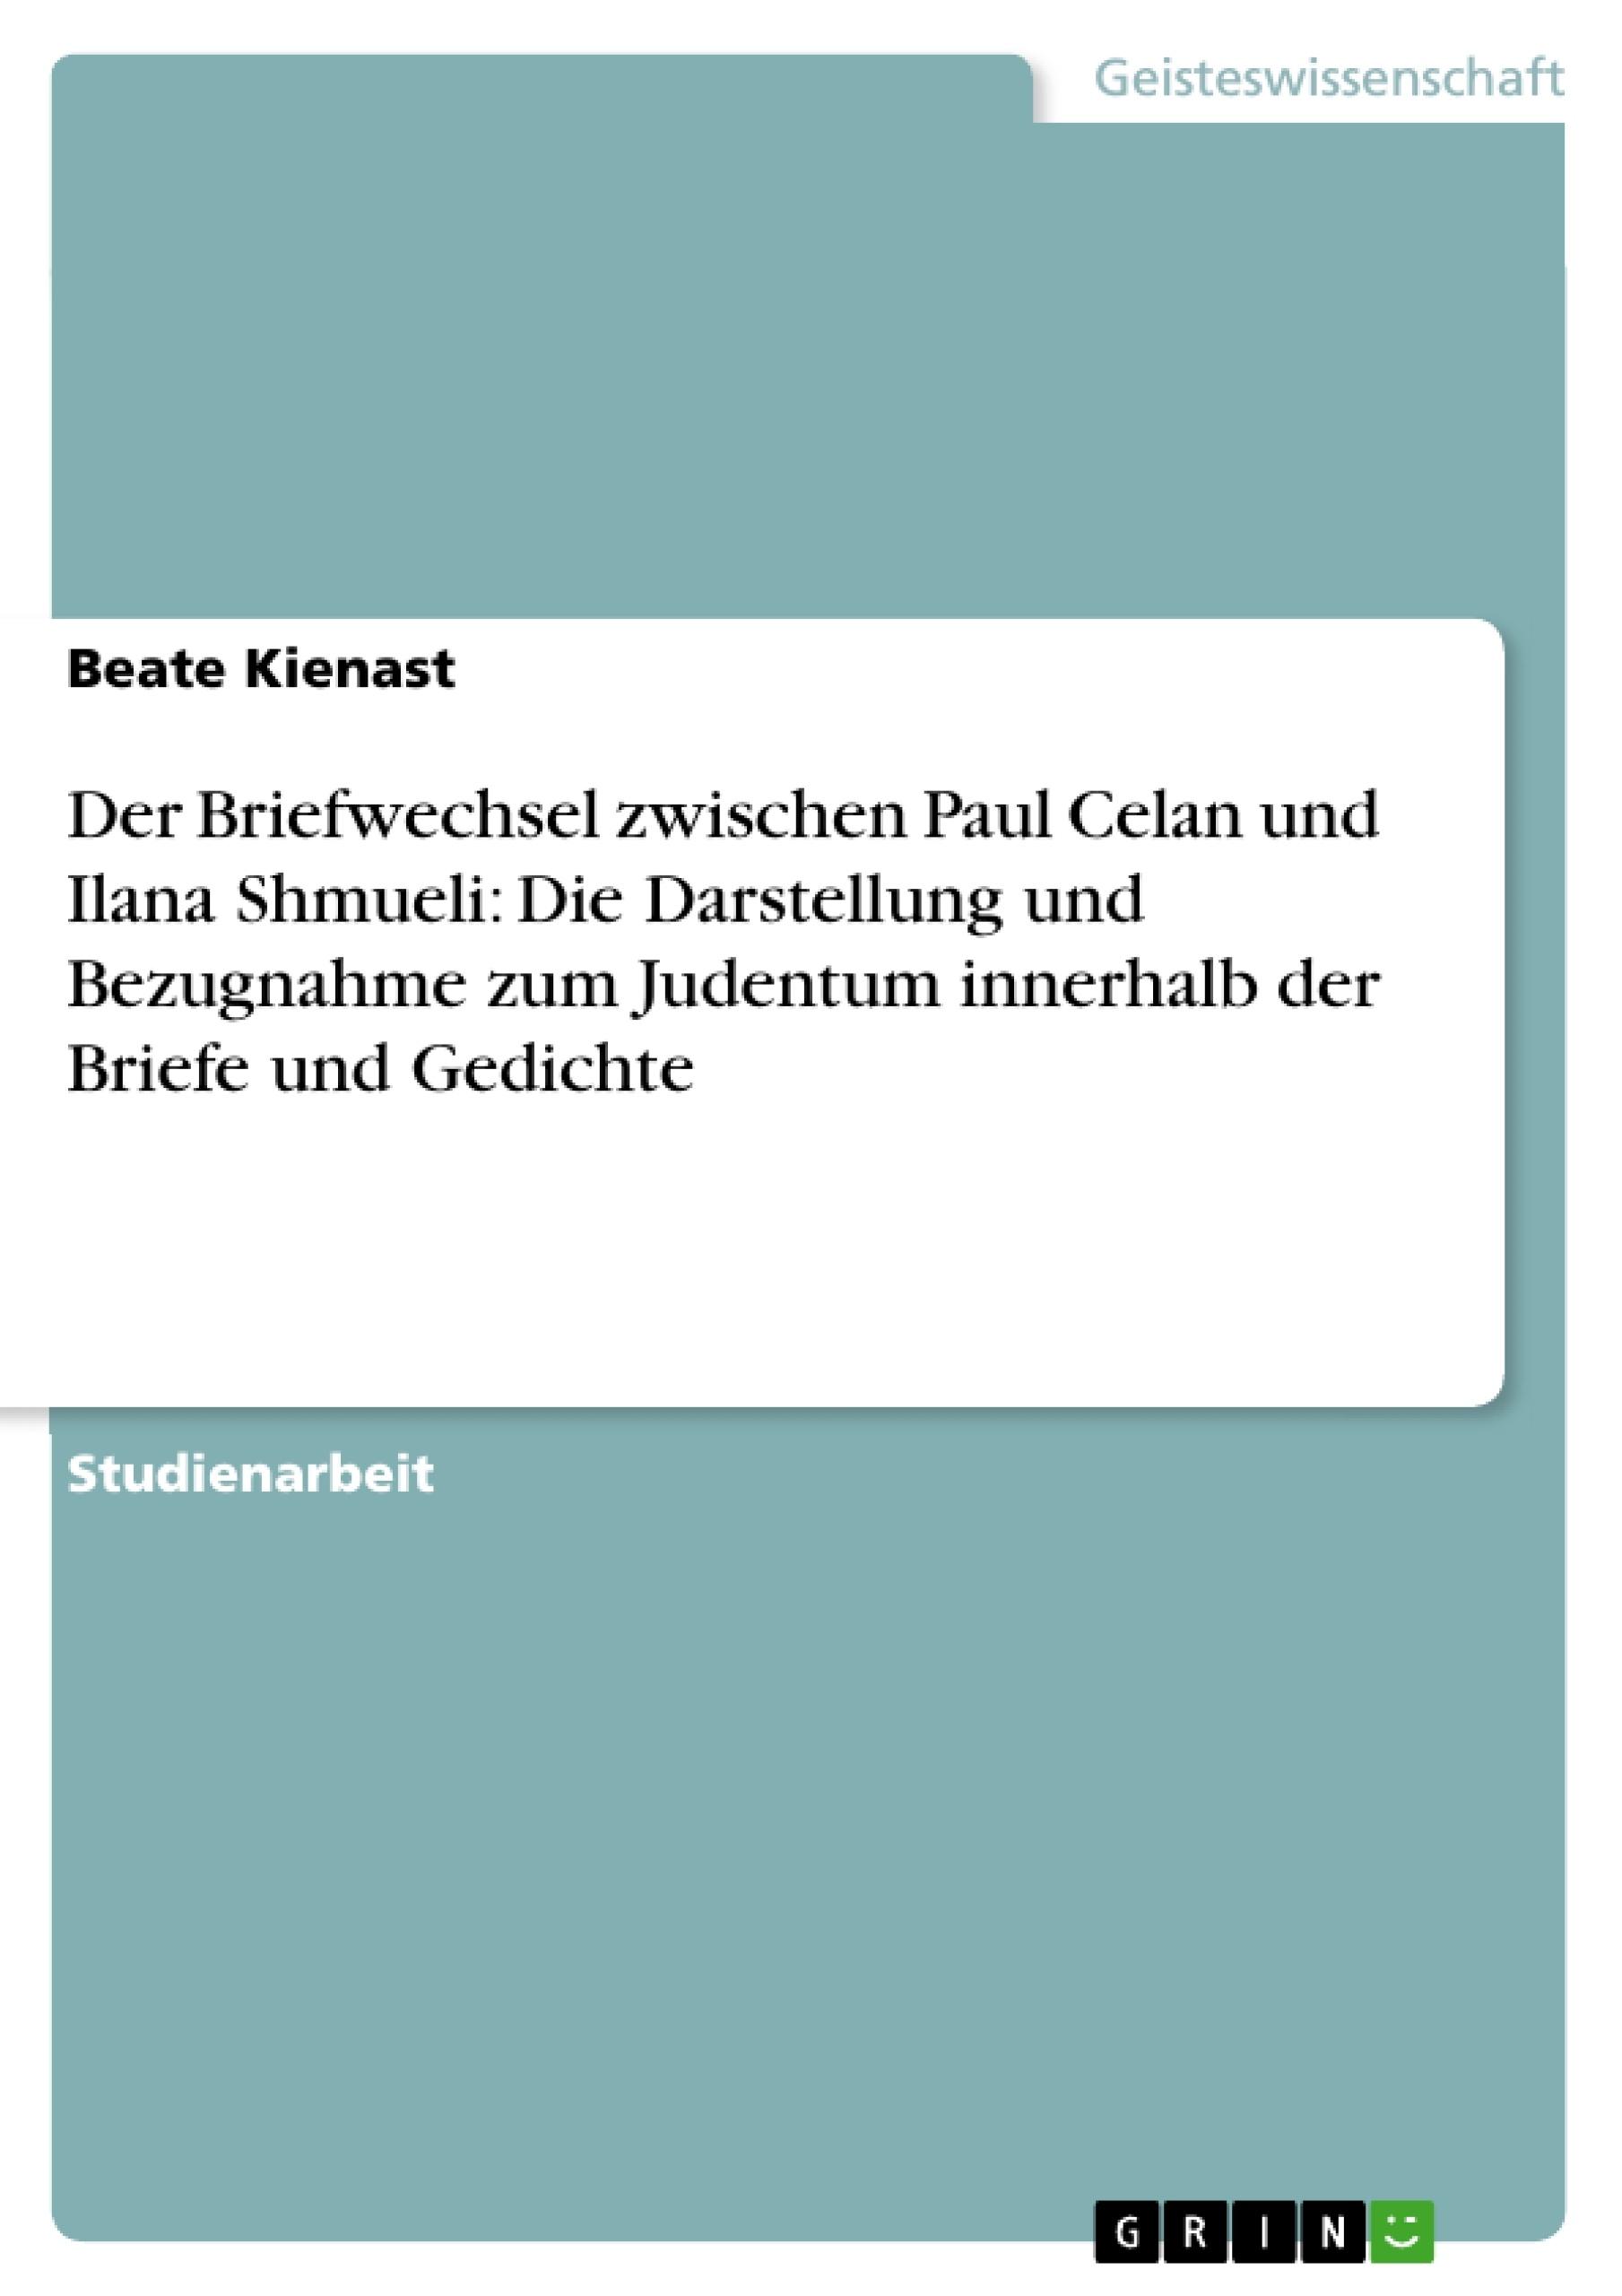 Titel: Der Briefwechsel zwischen Paul Celan und Ilana Shmueli: Die Darstellung und Bezugnahme zum Judentum innerhalb der Briefe und Gedichte